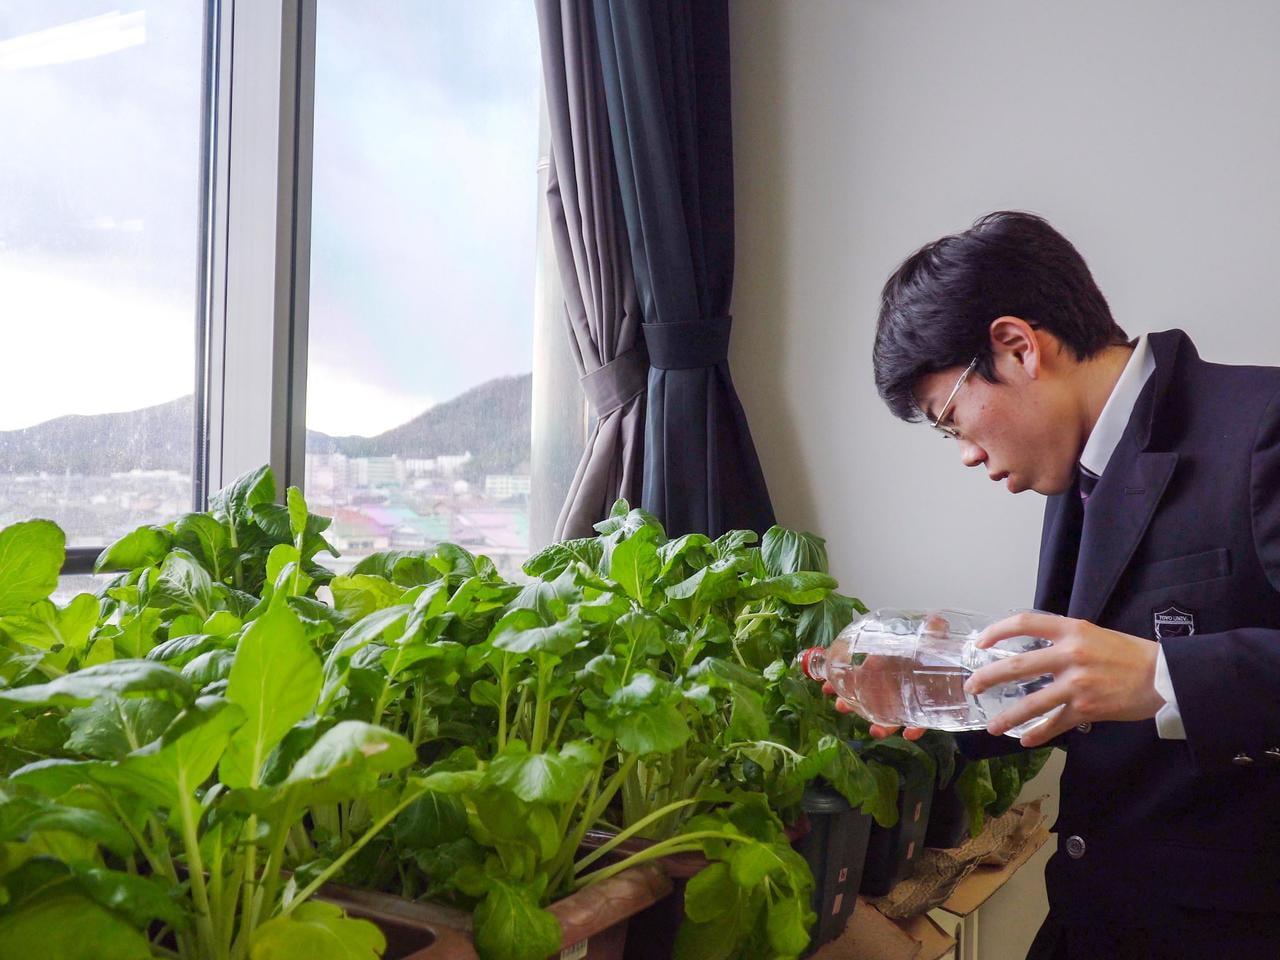 青春グラフィティ!東洋大姫路科学部/プロジェクトTOYO 姫路若菜の栽培研究・缶詰開発